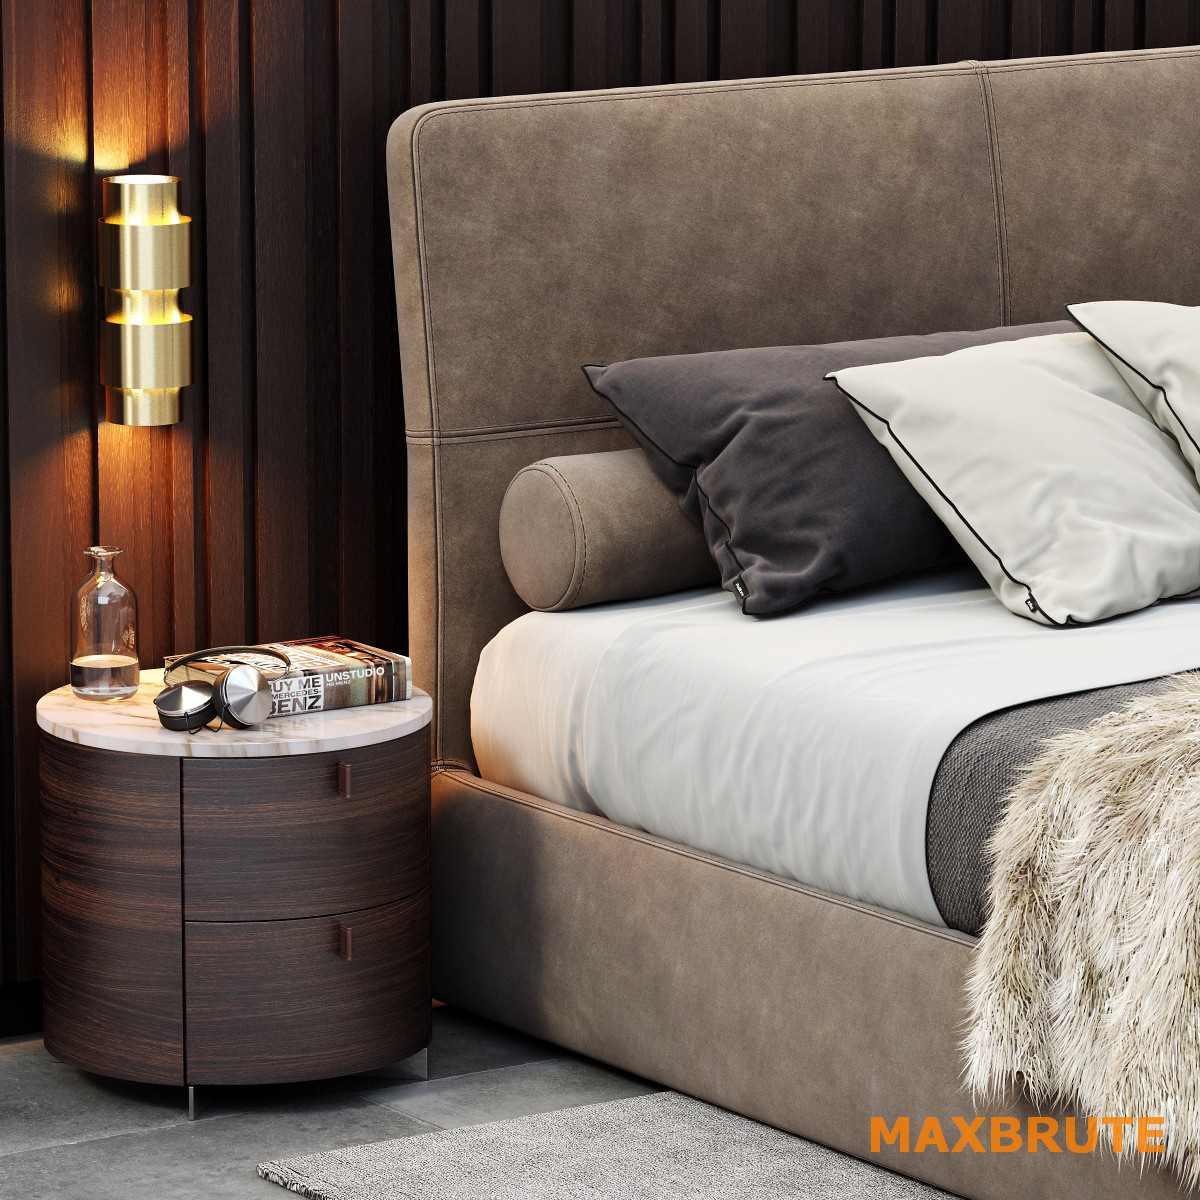 Poliform Laze Bed Maxbrute 29 GiƯỜng 3dmax TẢi Dowload VỀ